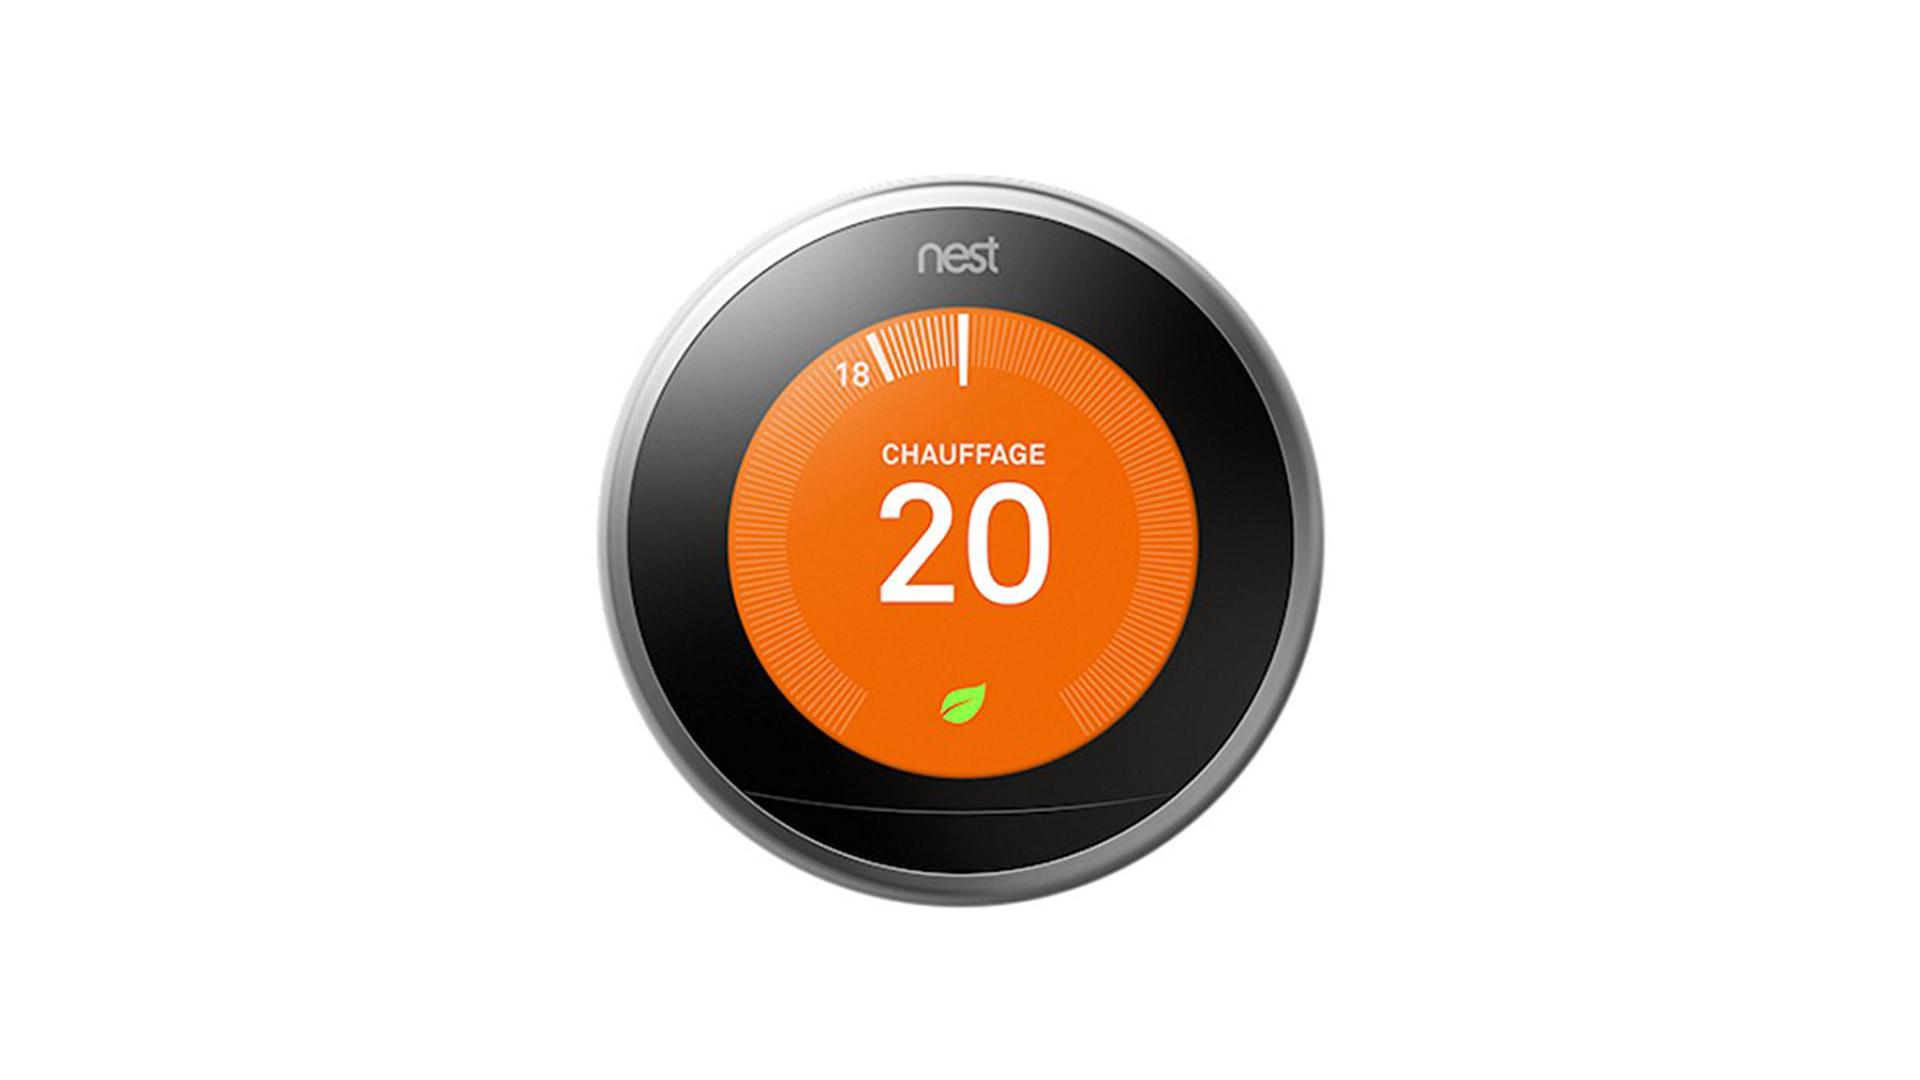 Amazon prime day les meilleures offres pour connecter votre maison tech numerama - Thermostat connecte nest ...